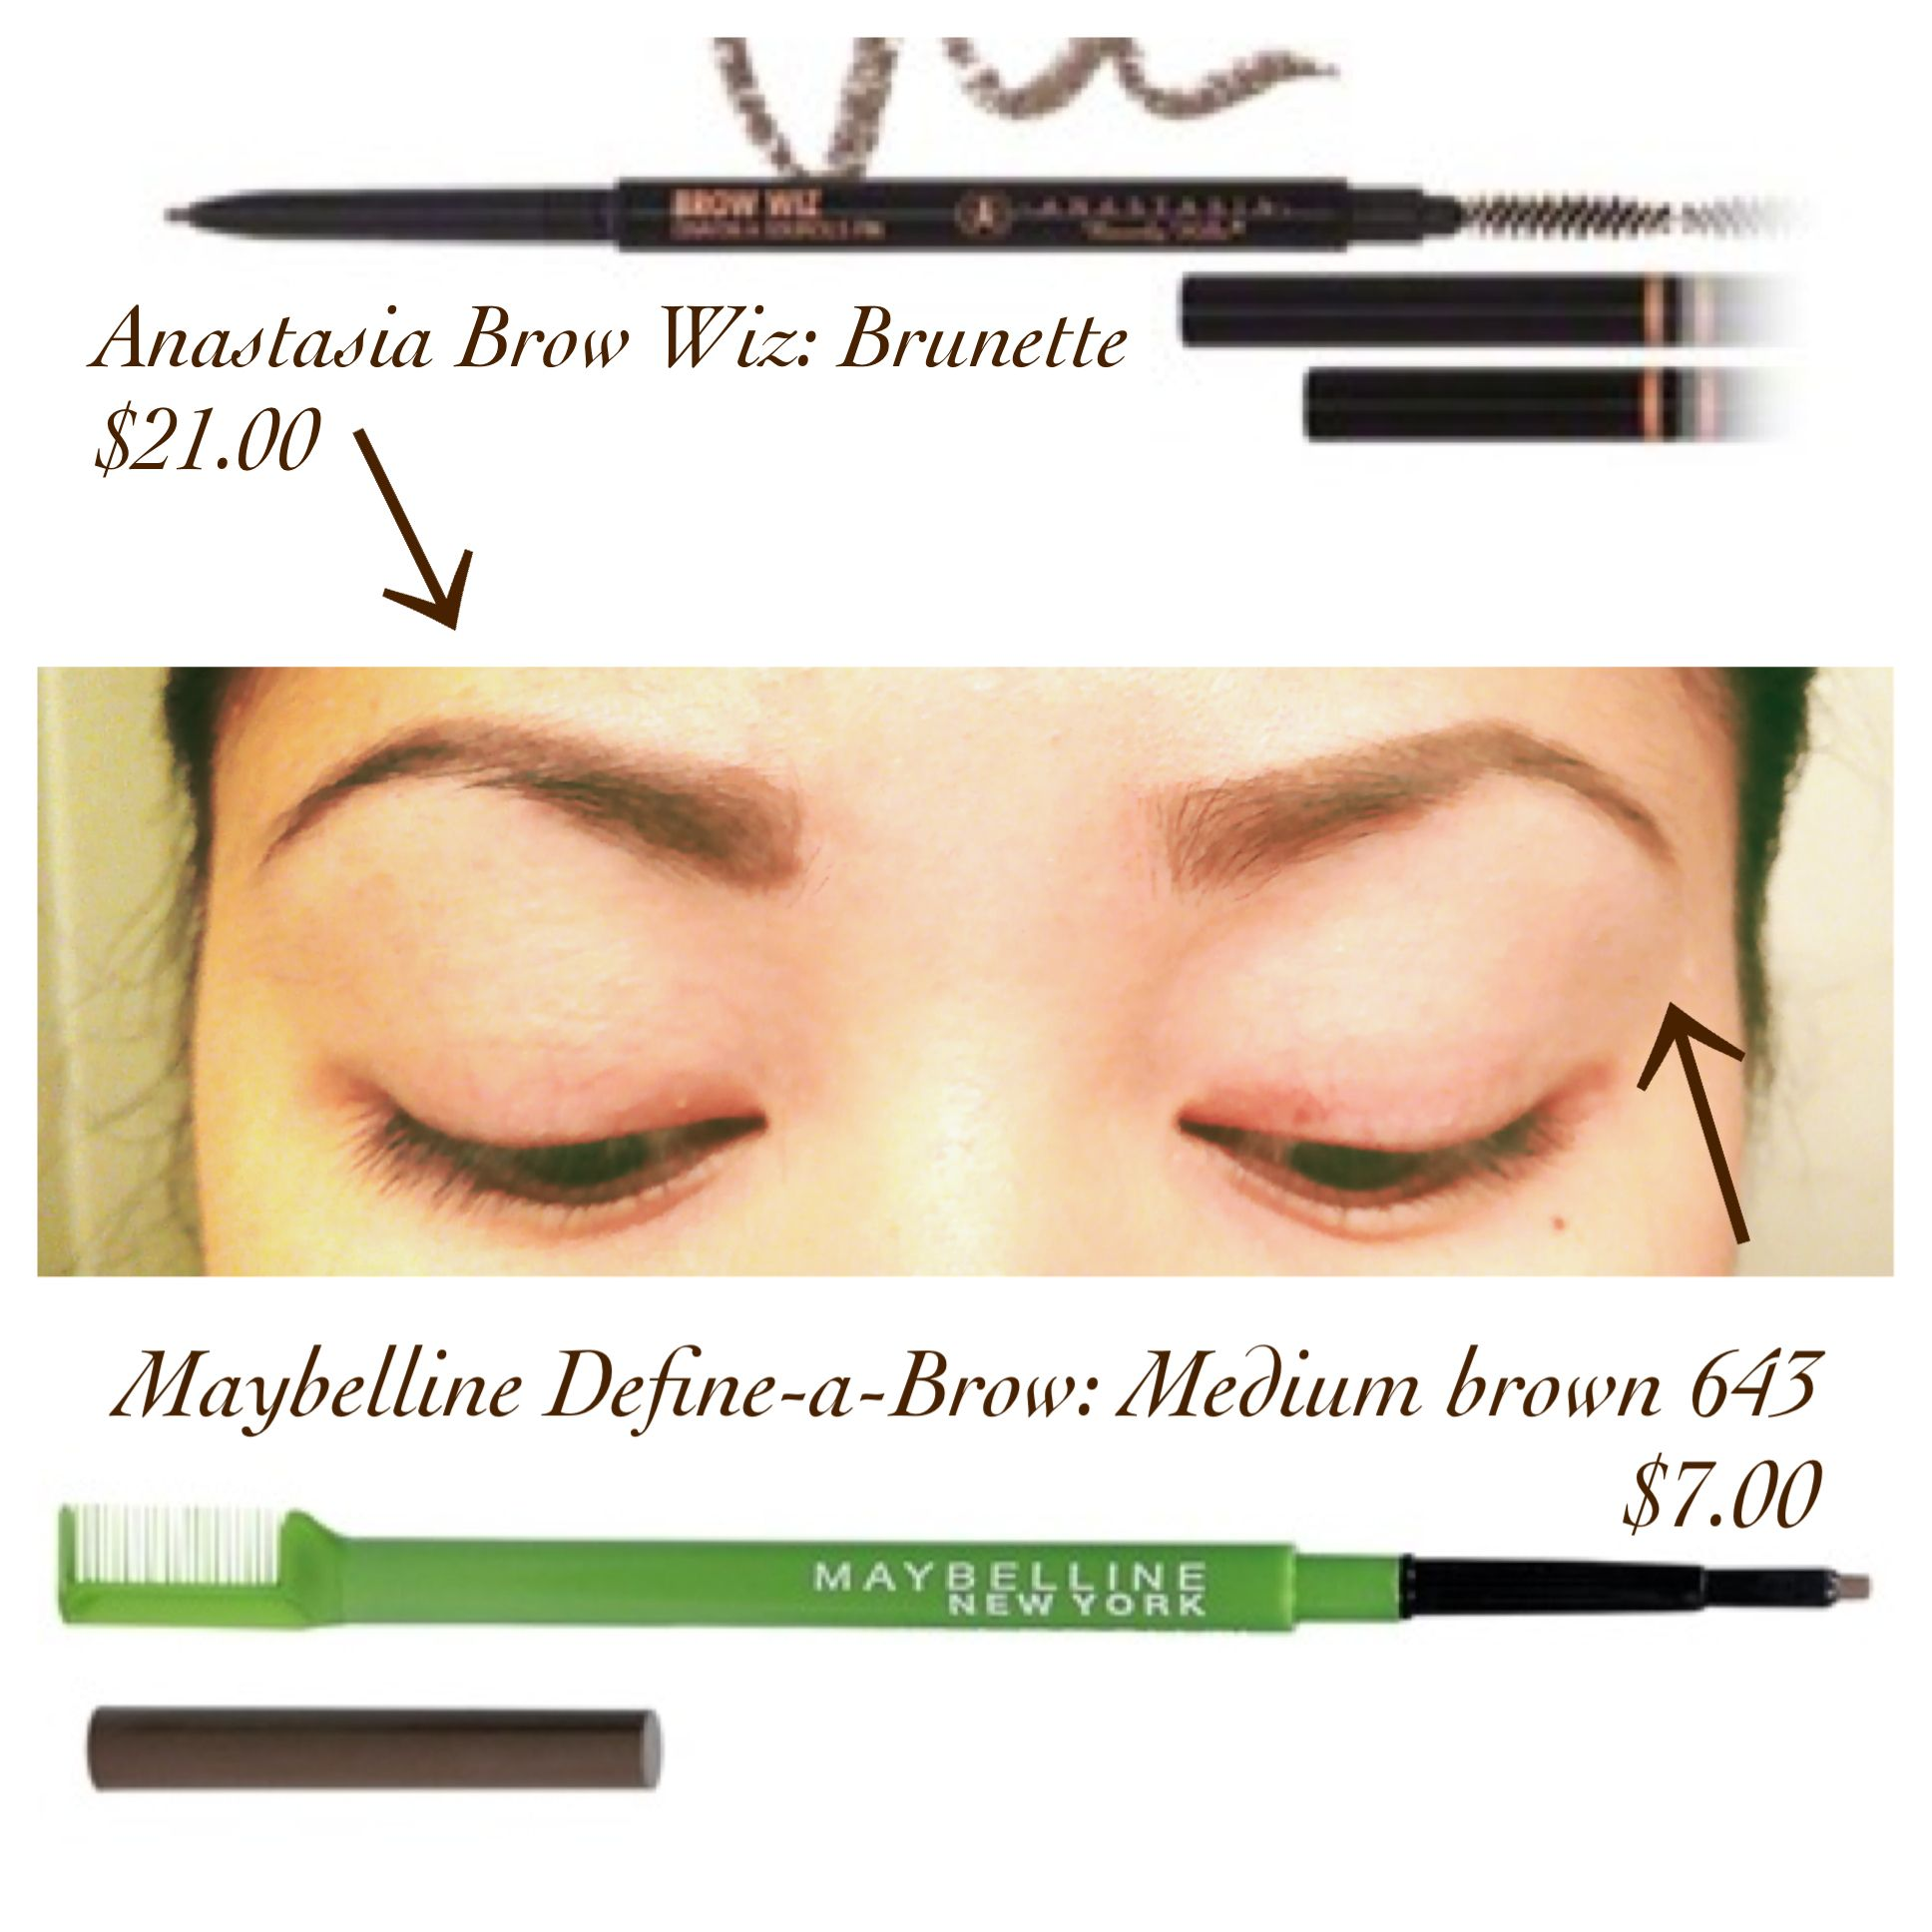 Anastasia Brow Wiz ($21.00) vs Maybelline Define-a-Brow ($7.00 ...